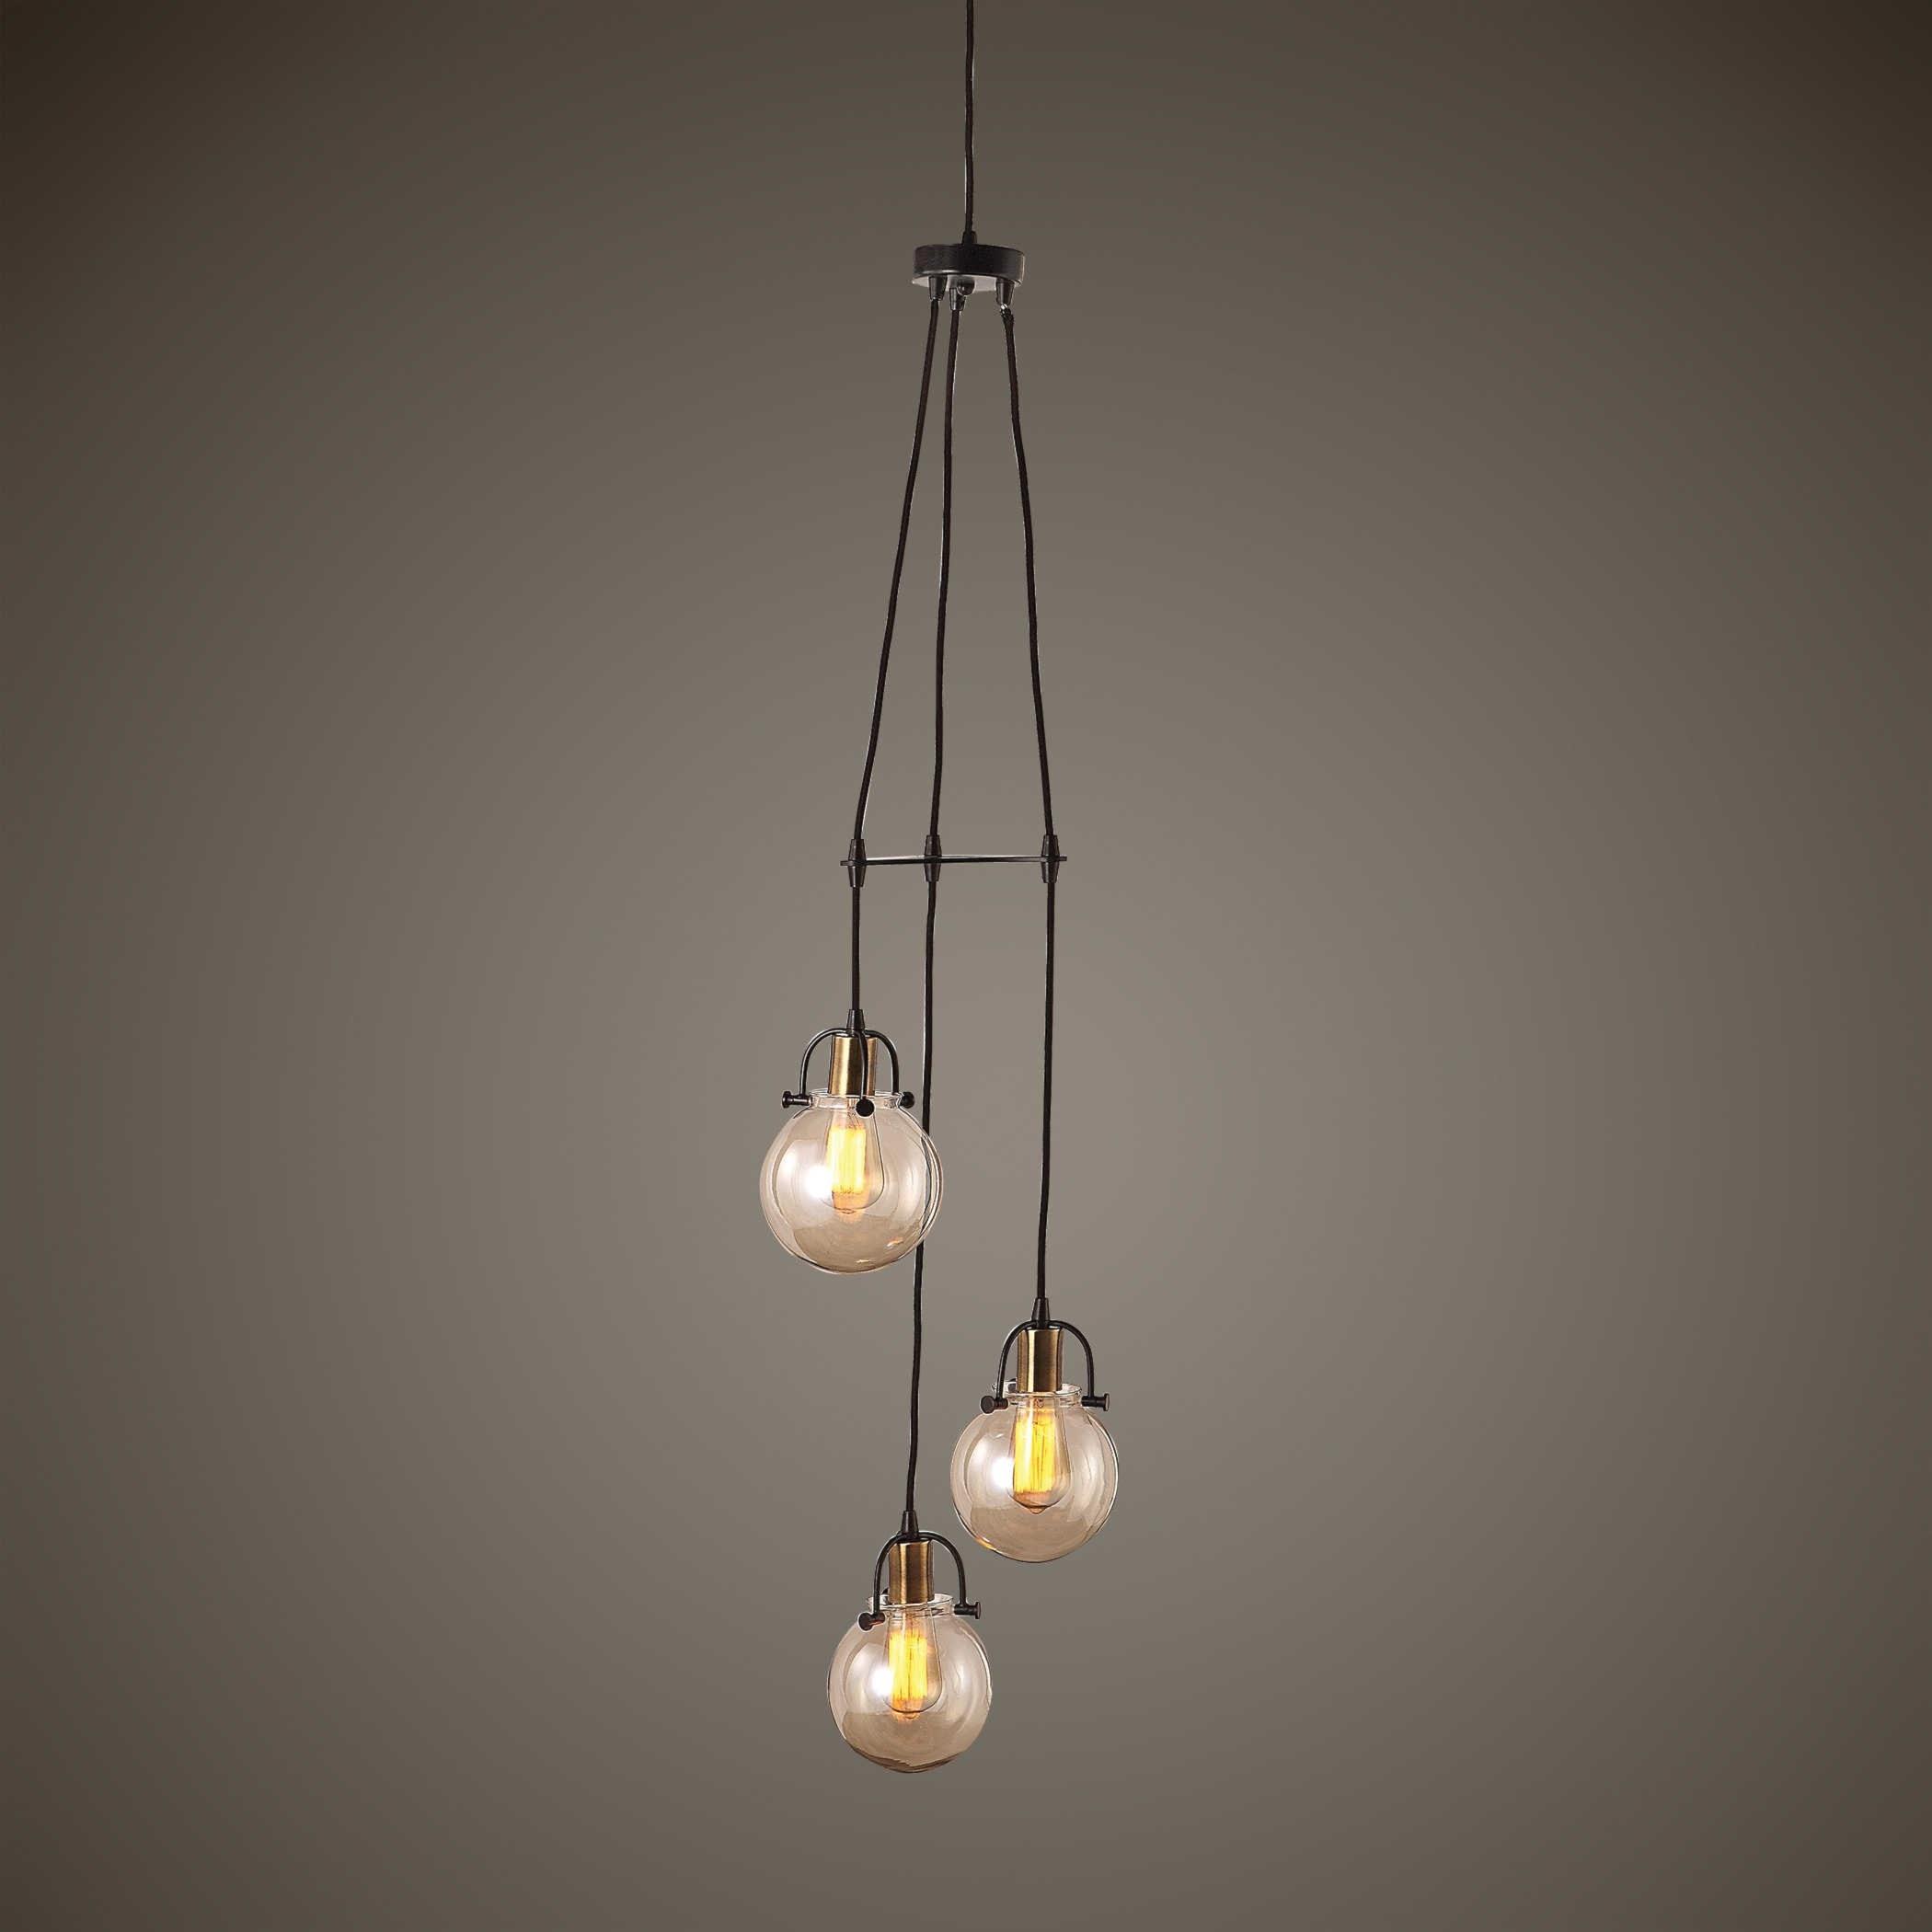 3 light cluster pendant pendant lighting uttermost lighting fixturesmethuen light cluster pendant fixtures methuen